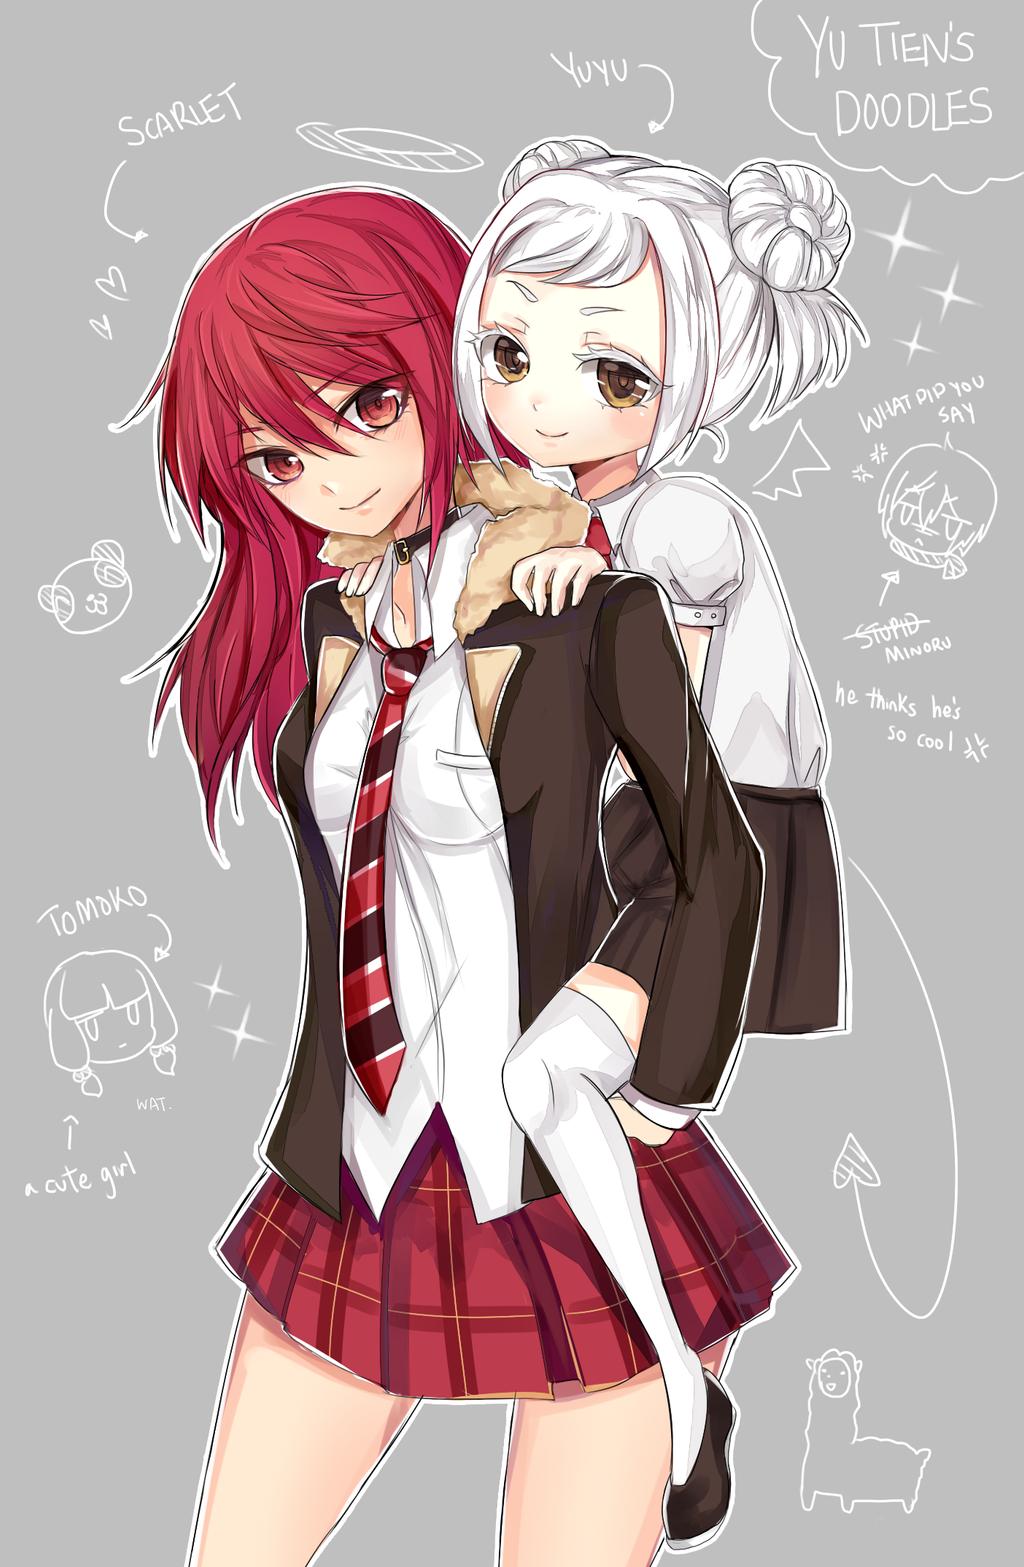 Yu-doodles by kinoko-sama